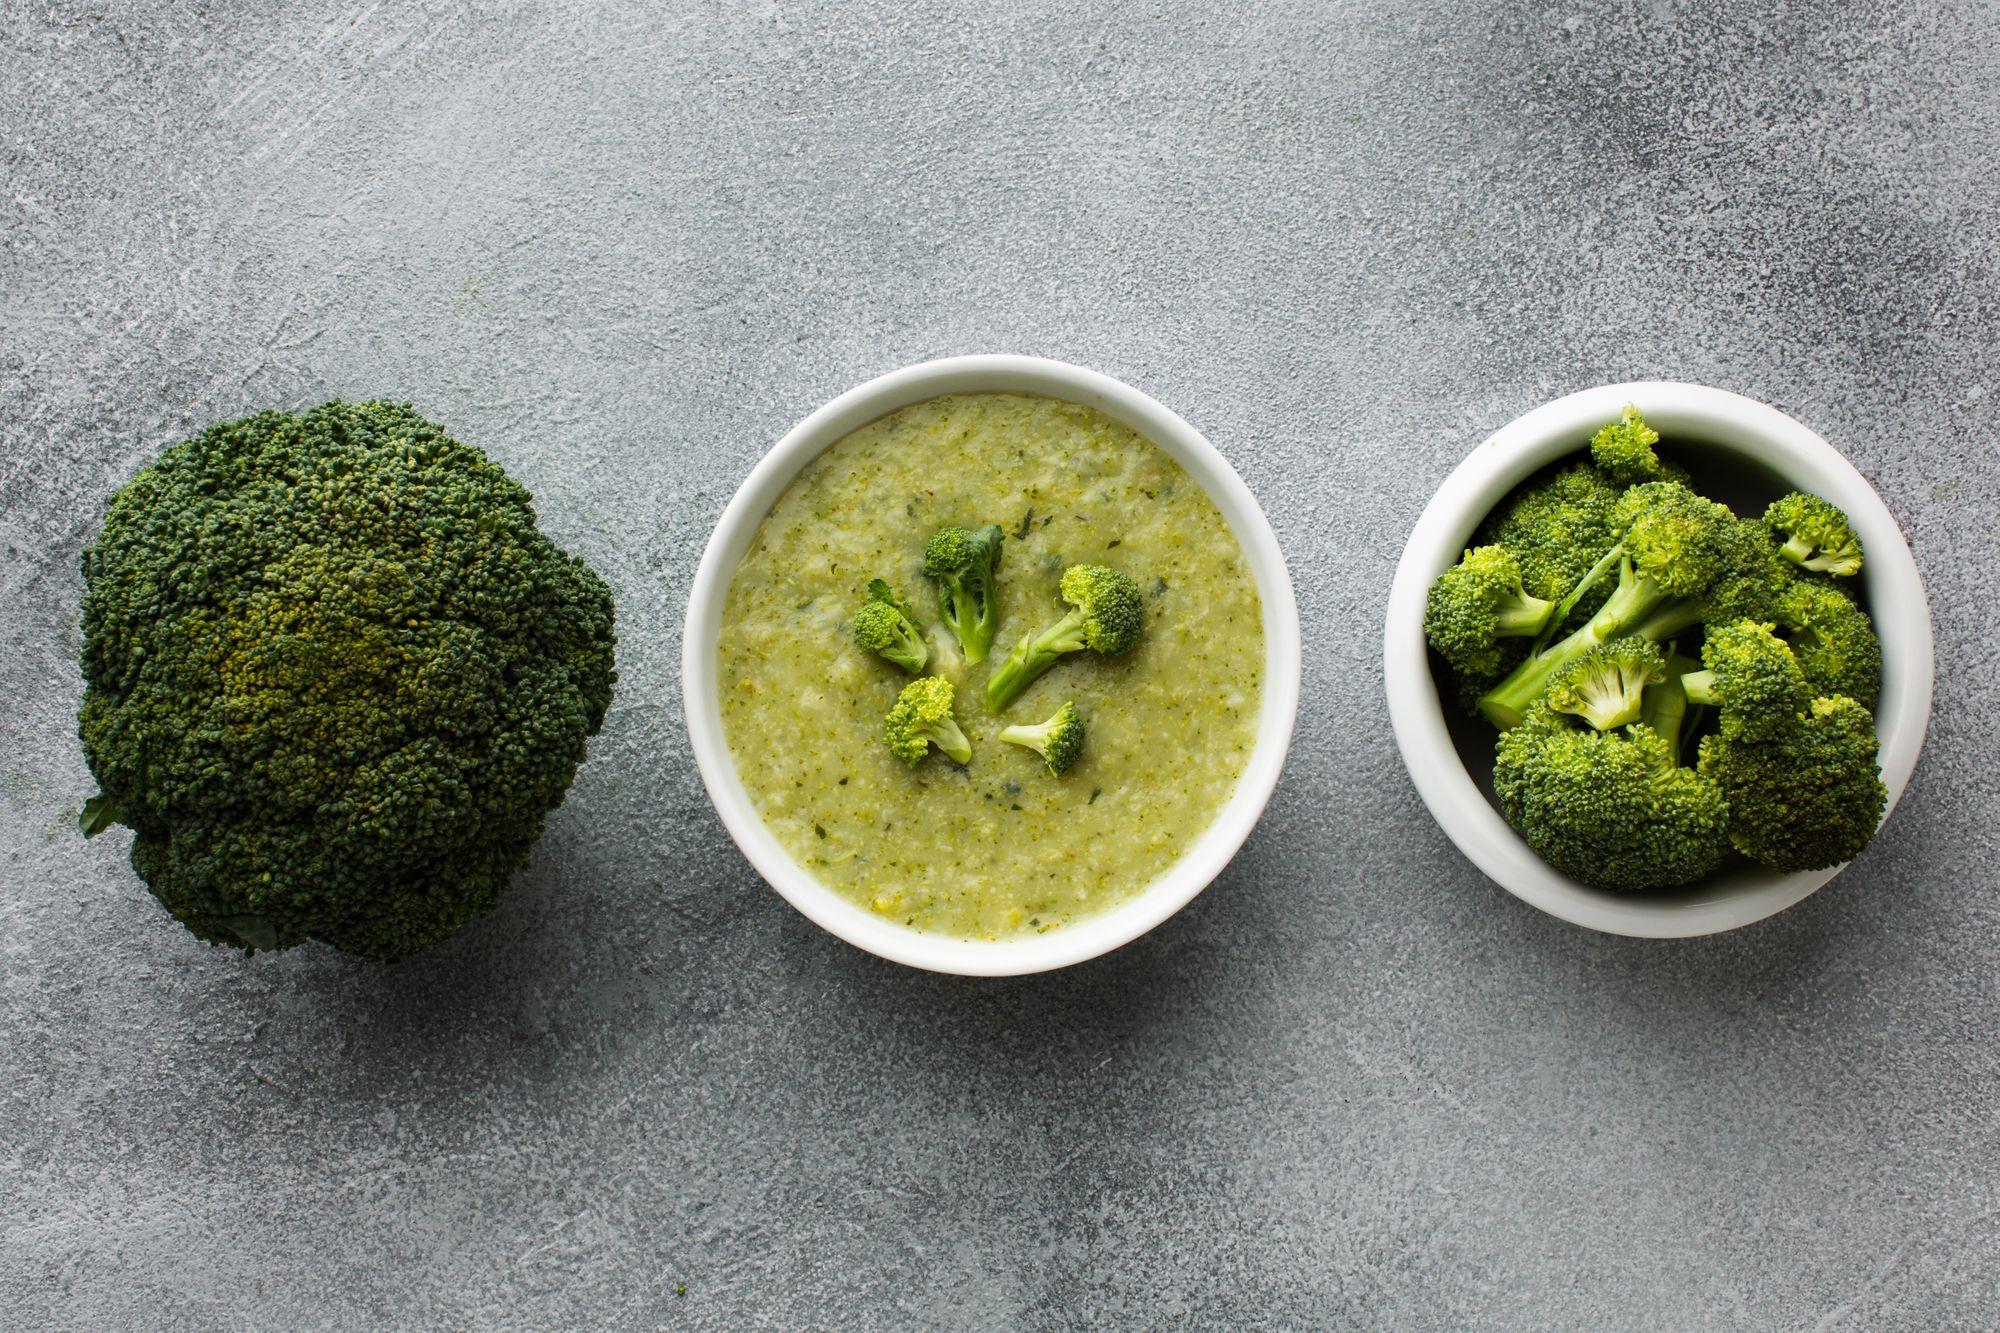 Abundante em cálcio, o brócolis fortalece os fios. (Reprodução/Freepik)